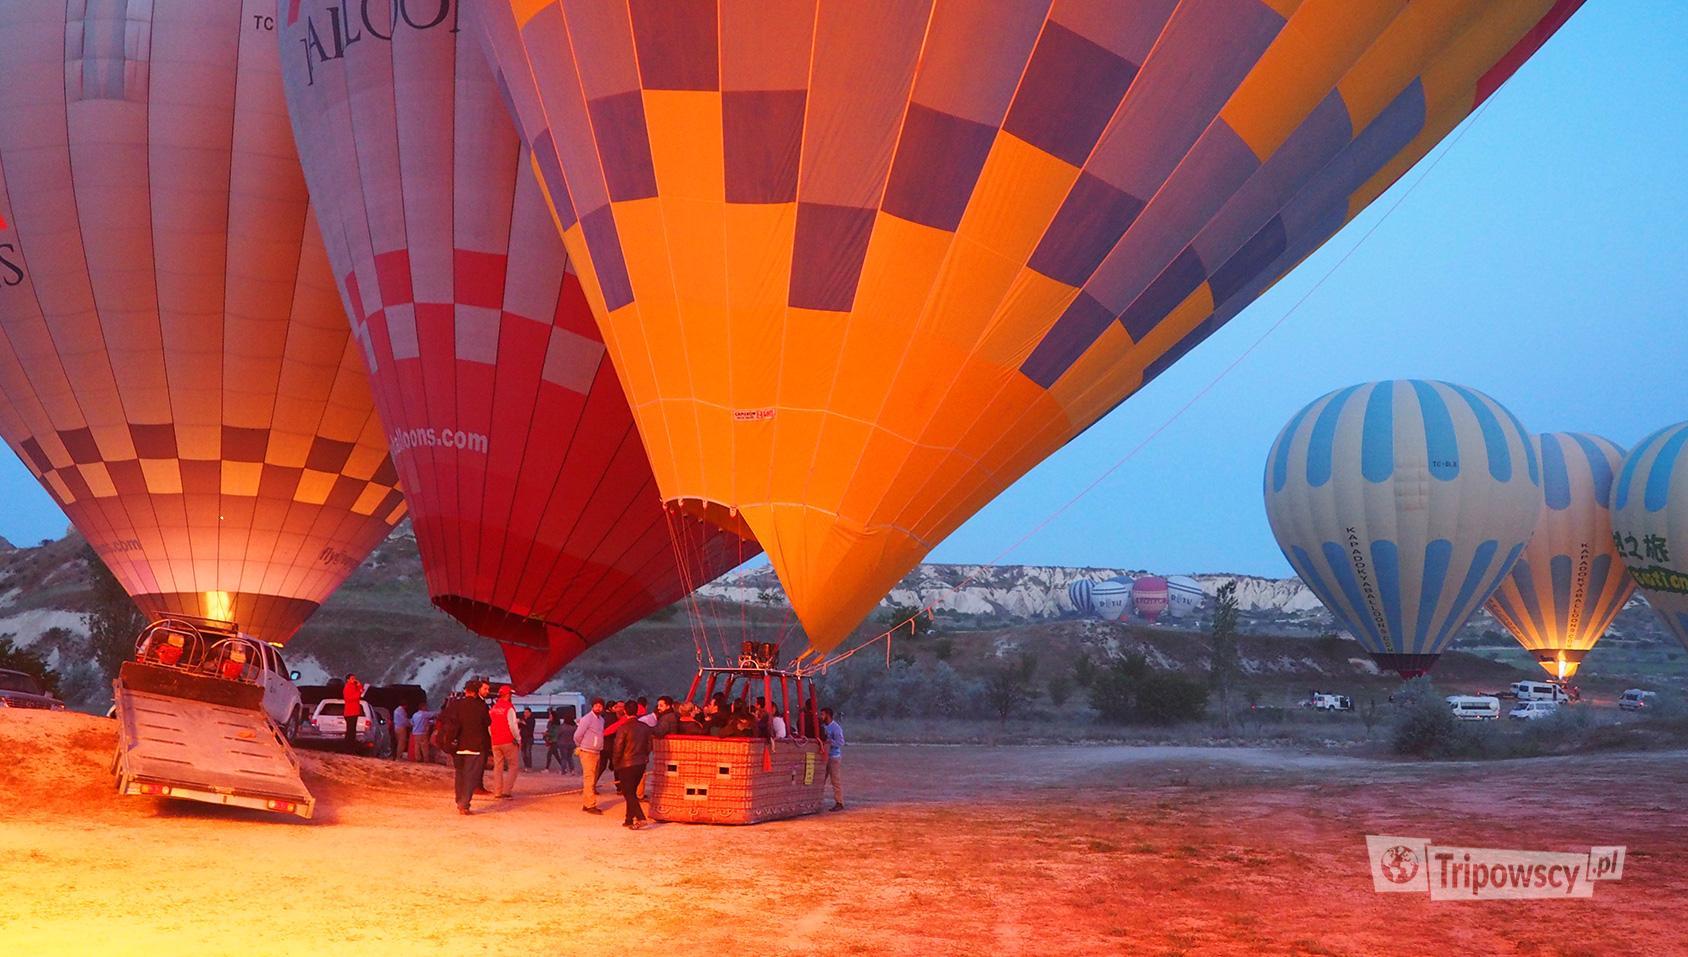 Kapadocja, Balony przed startem z Różowej doliny